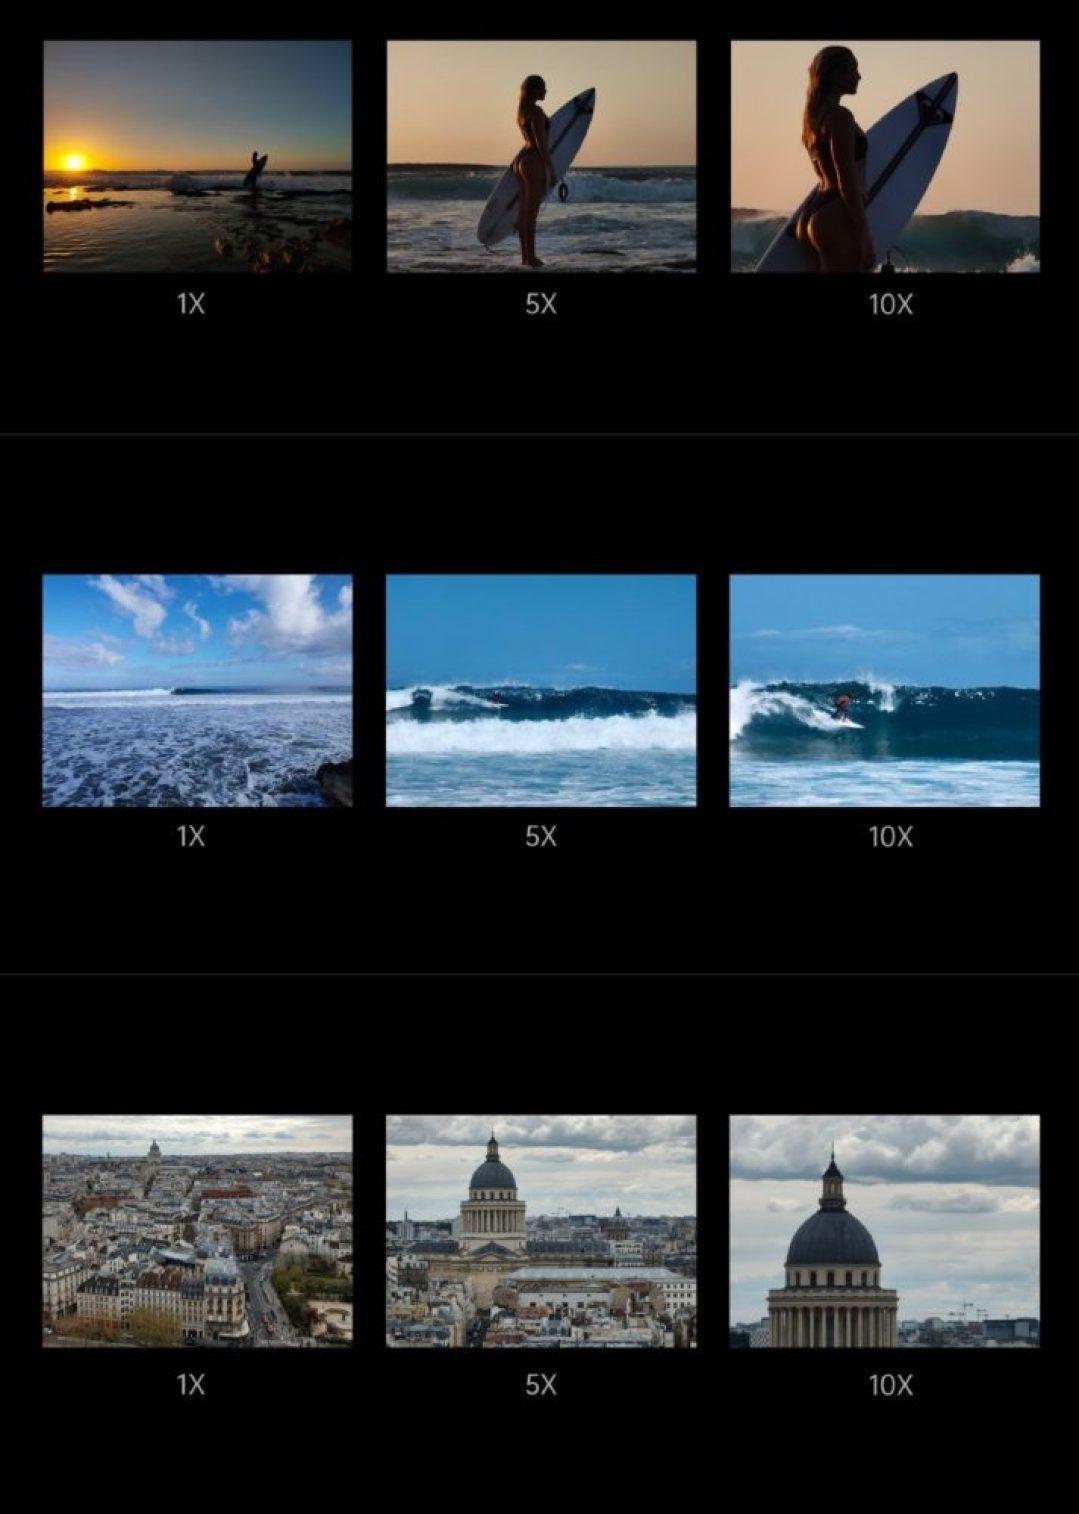 OPPO Reno Preview - 10X Camera Zoom Samples